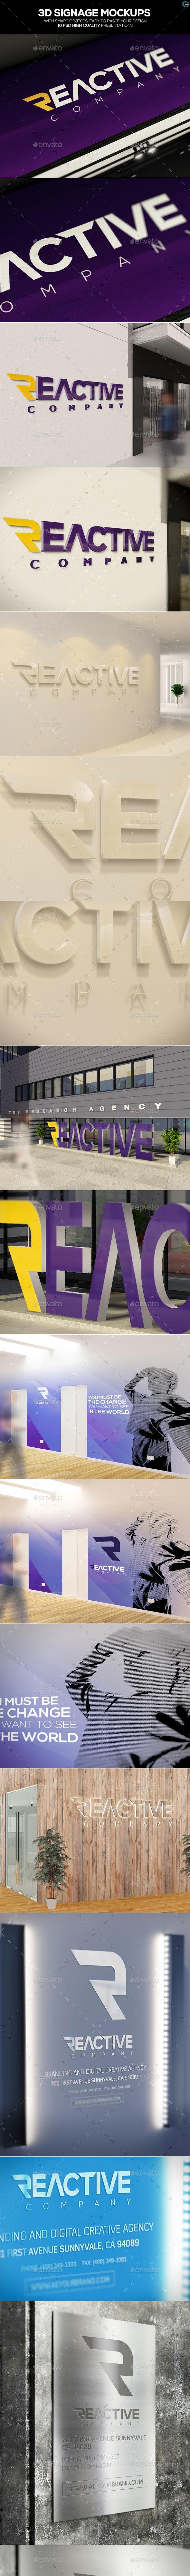 3D Signage Mockups - Logo Product Mock-Ups